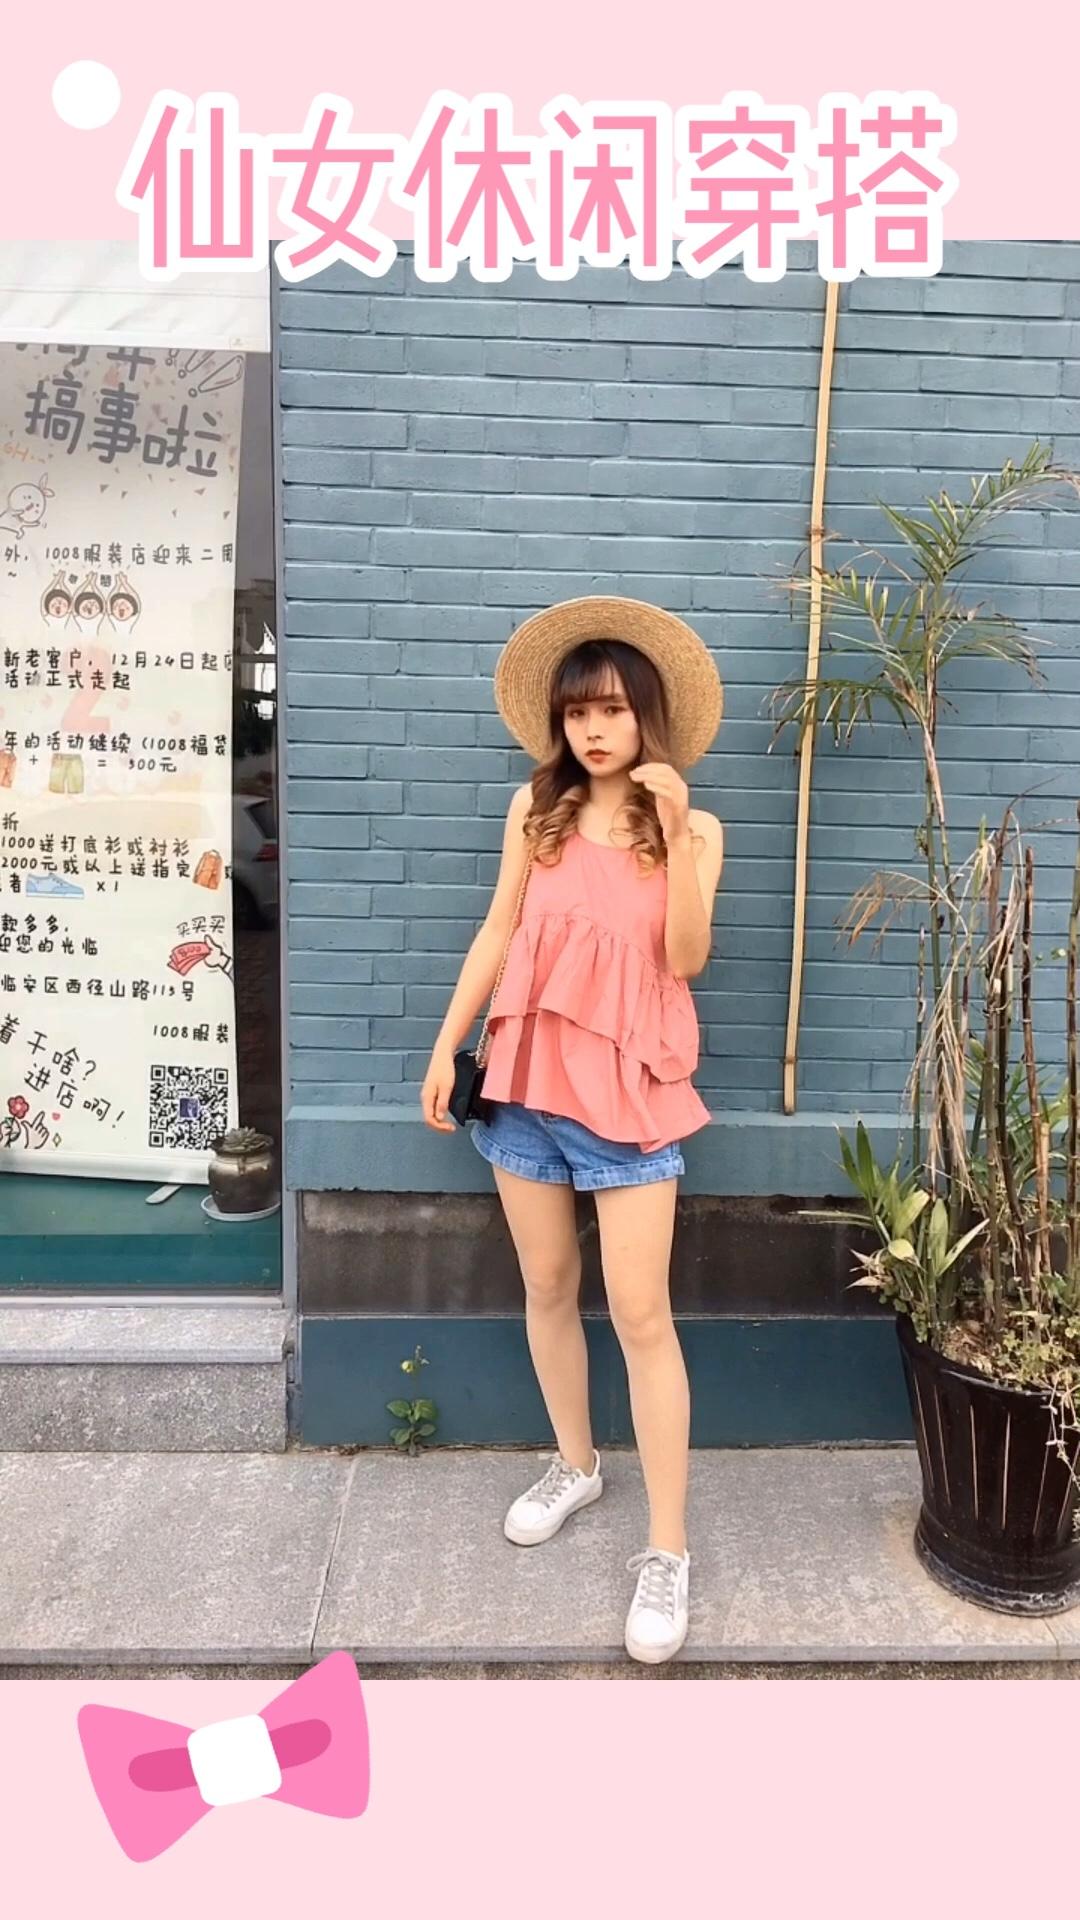 #夏日不用减肥也能显瘦?#这些花瓣的粉红色的吊带真的超级的粉红少女心爆棚了可以搭配一个草帽大大的项链,小下面搭配一条短的牛仔裤非常的清凉膏非常适合夏天的时候,穿了再搭配一双小白鞋。